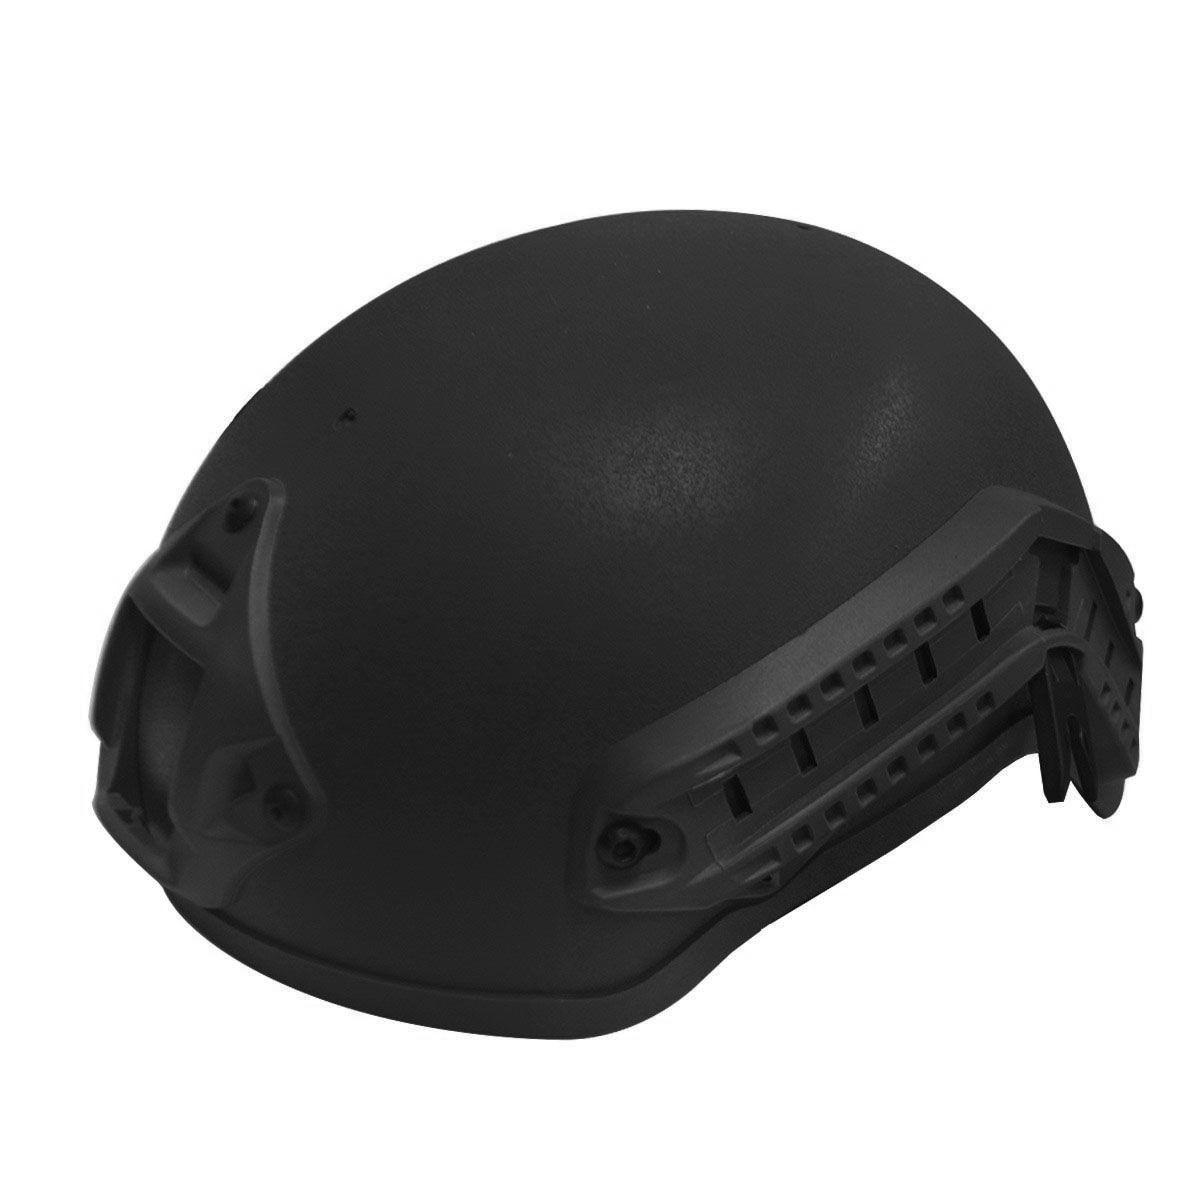 Capacete Replica Mich 2001 Fast Style Black